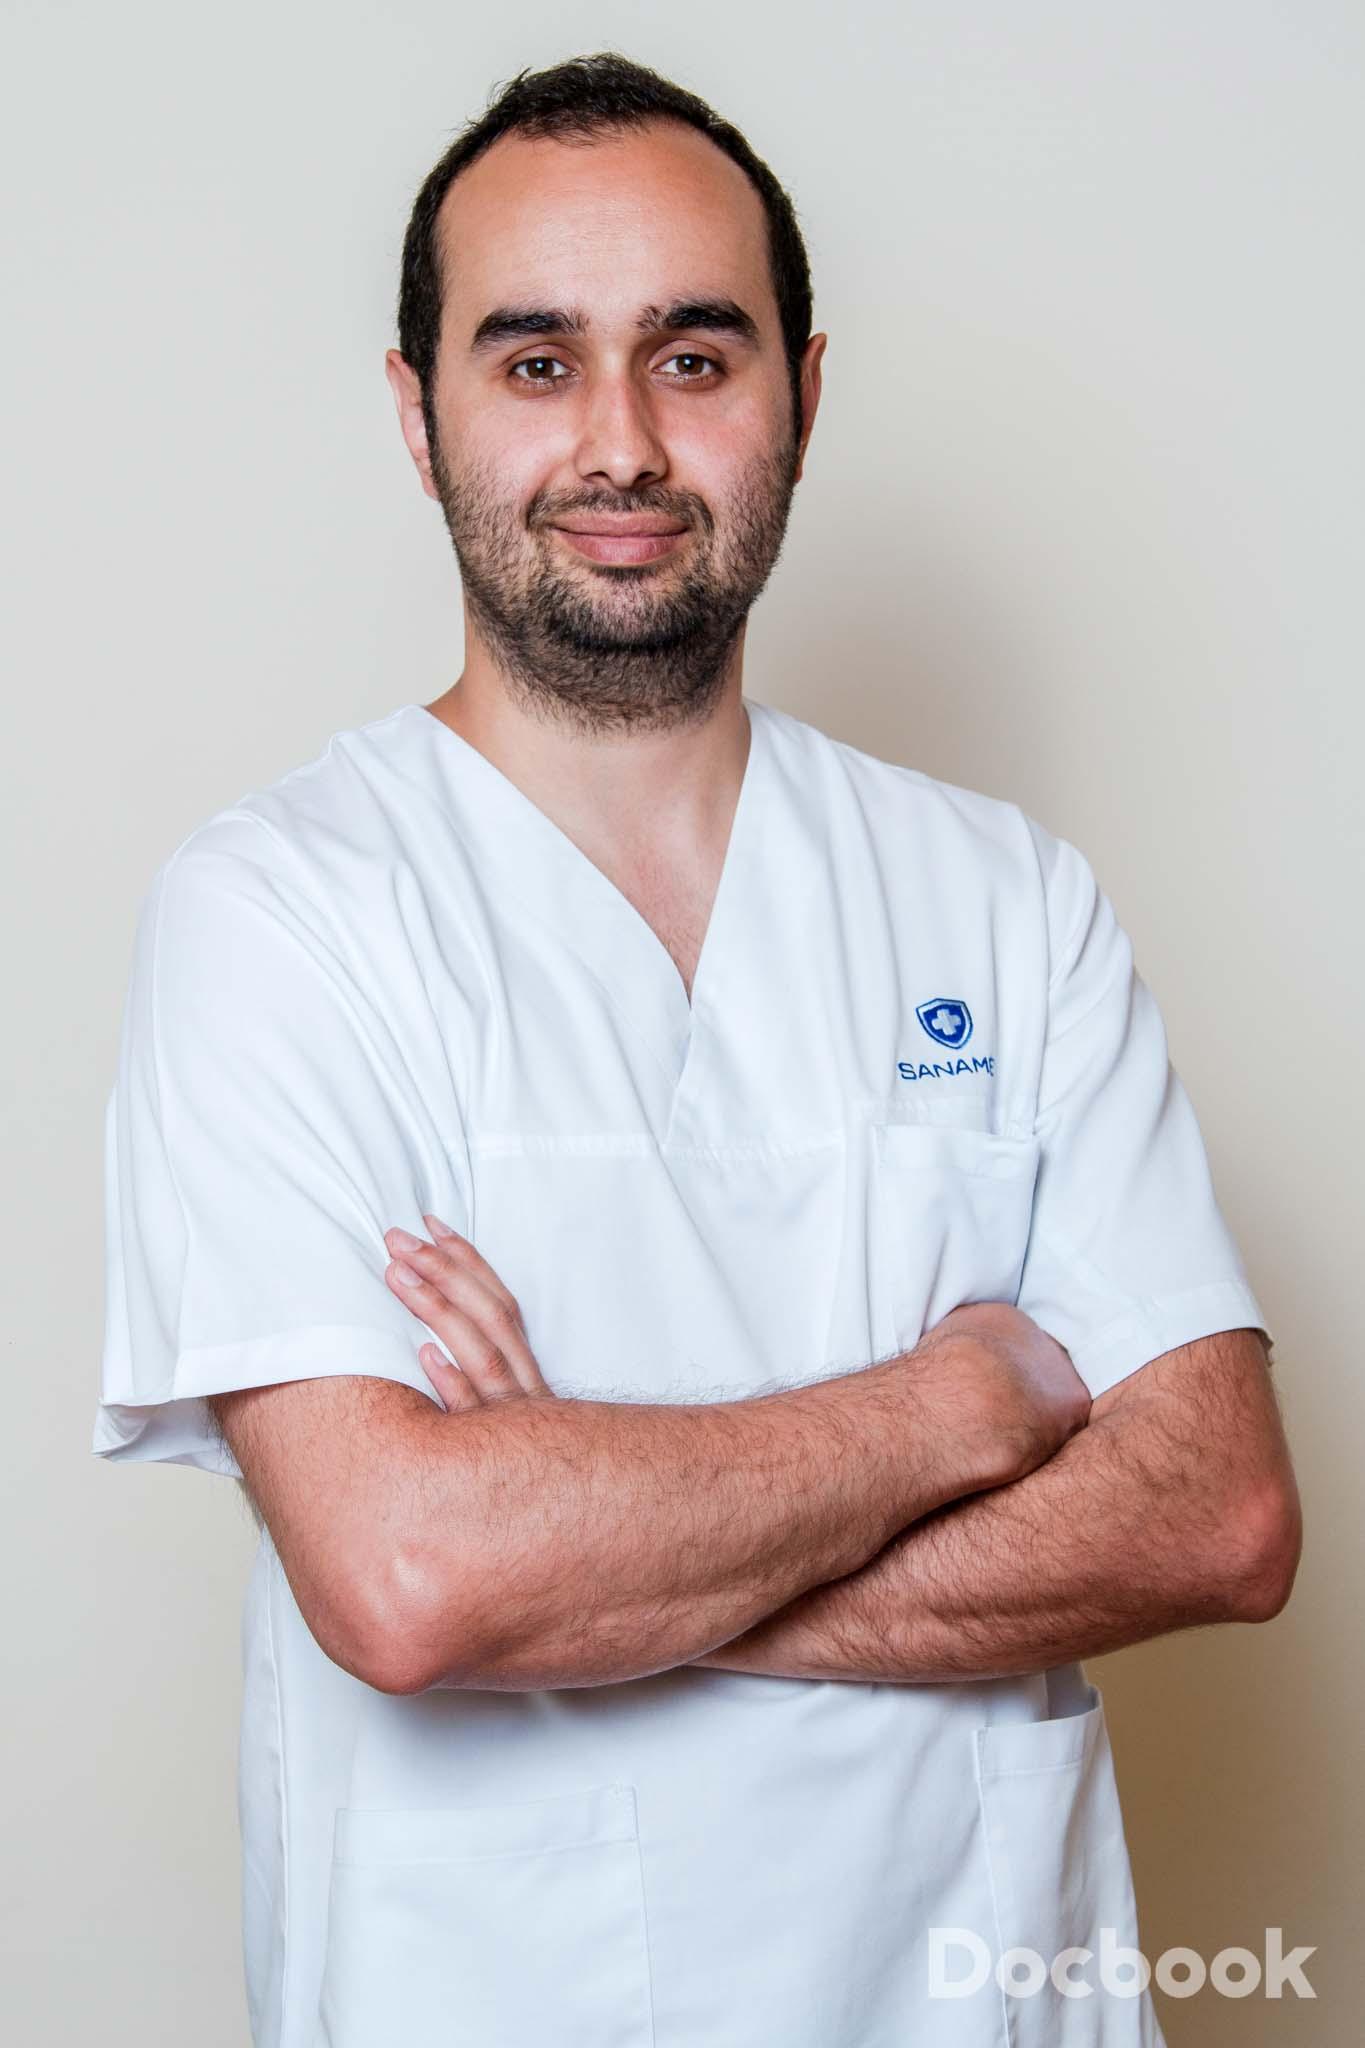 Dr. Vlad-Petru Ploscaru